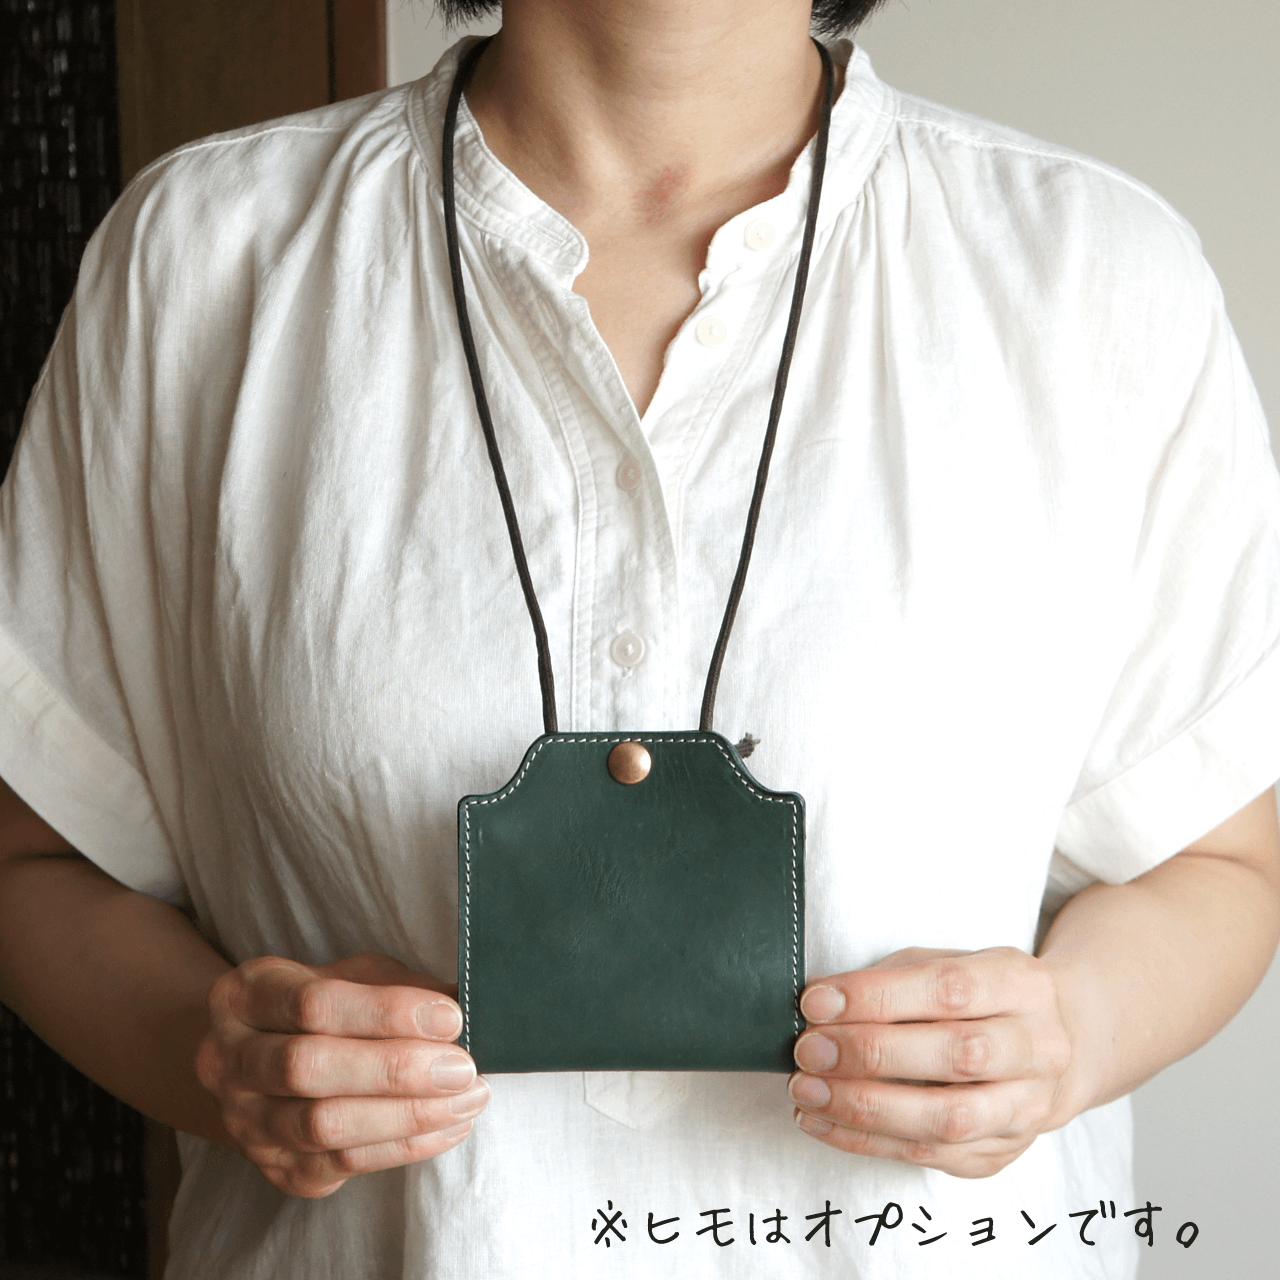 【抗菌】マスクケース(グリーン)★布マスク・不織布マスク両対応